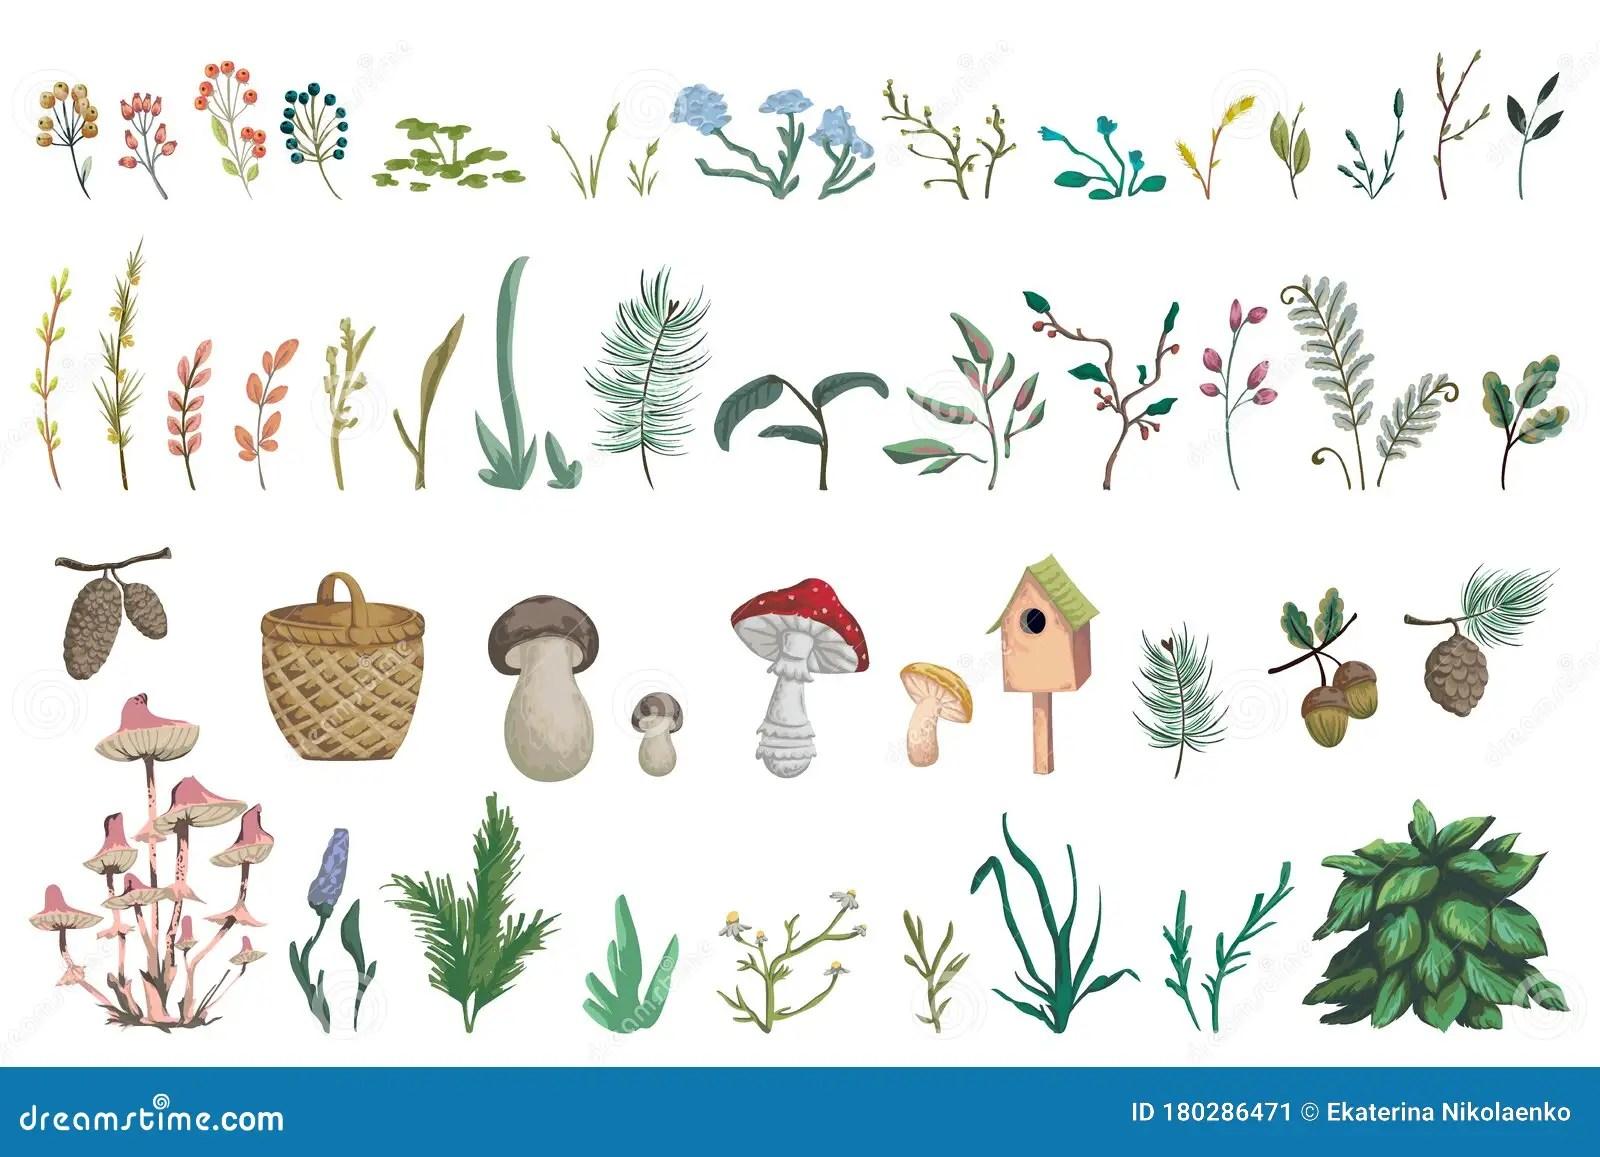 63047 bushes clip art images on gograph. Forest Plants Stock Illustrations 45 319 Forest Plants Stock Illustrations Vectors Clipart Dreamstime